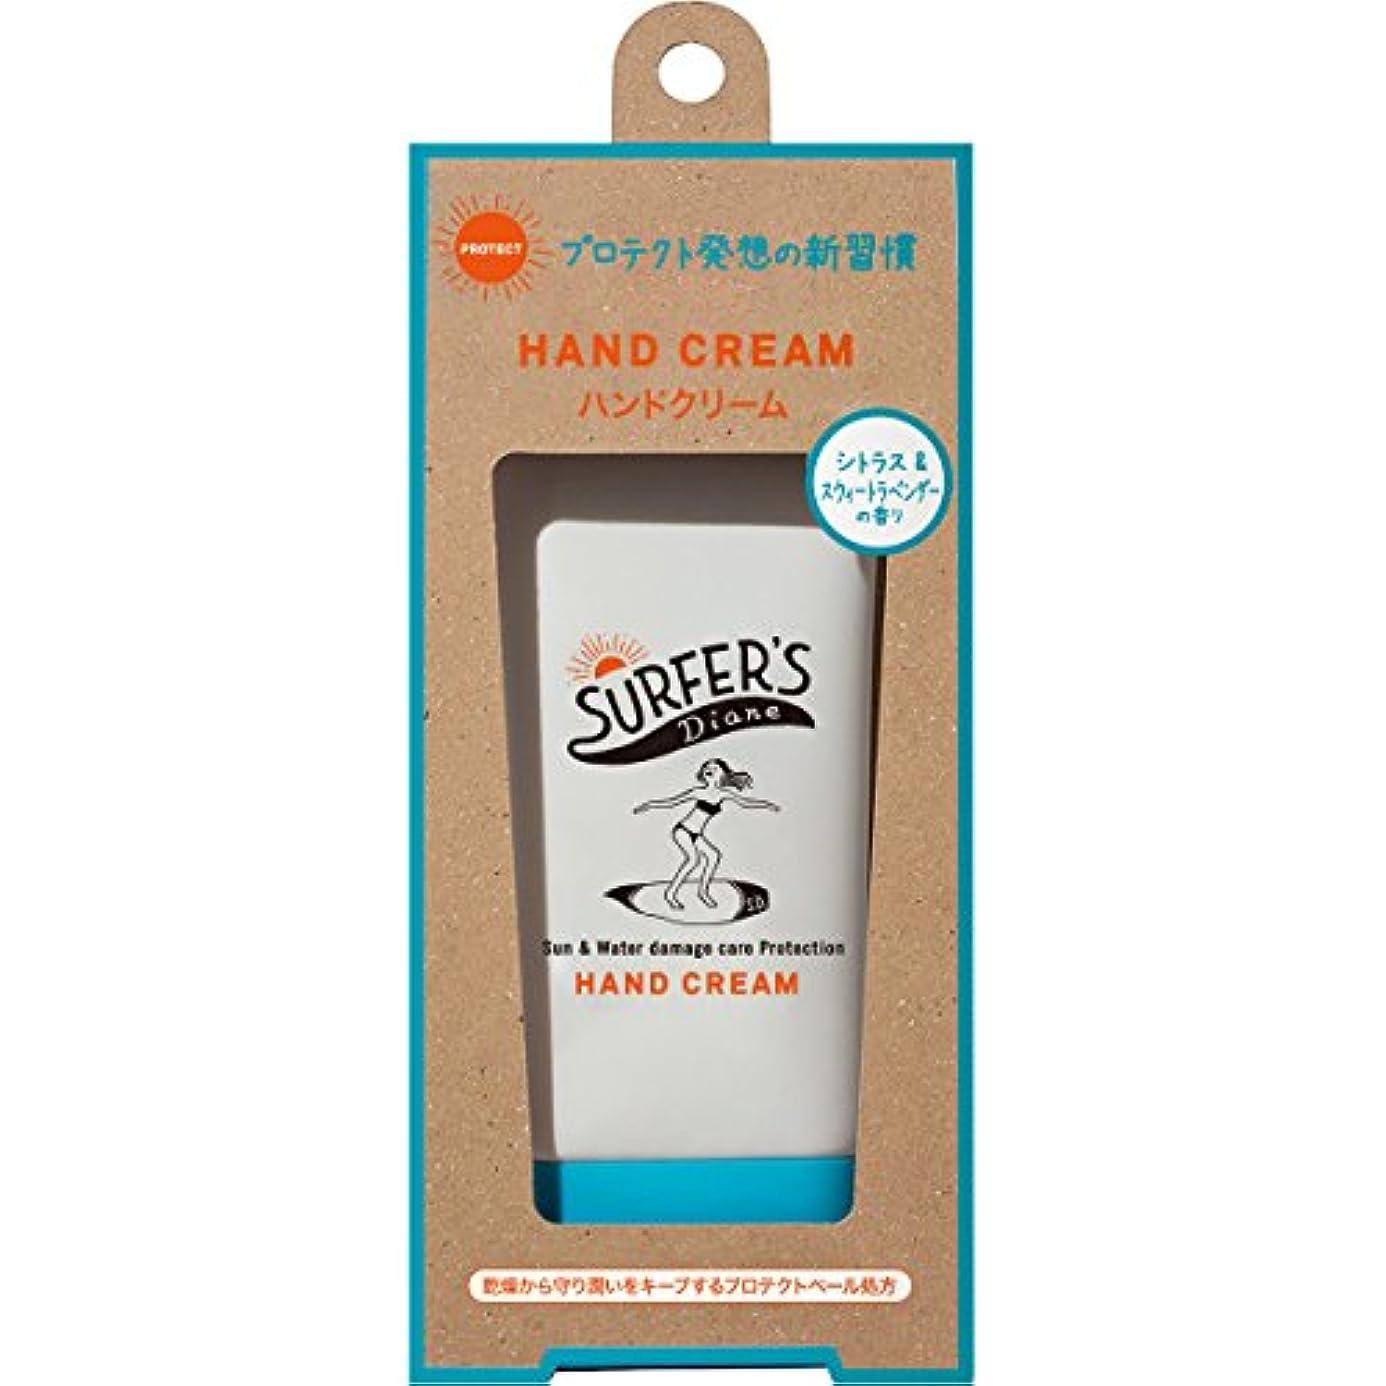 公園文房具スイッチサーファーズダイアン プロテクト ハンドクリーム シトラス&スウィートラベンダーの香り 50g